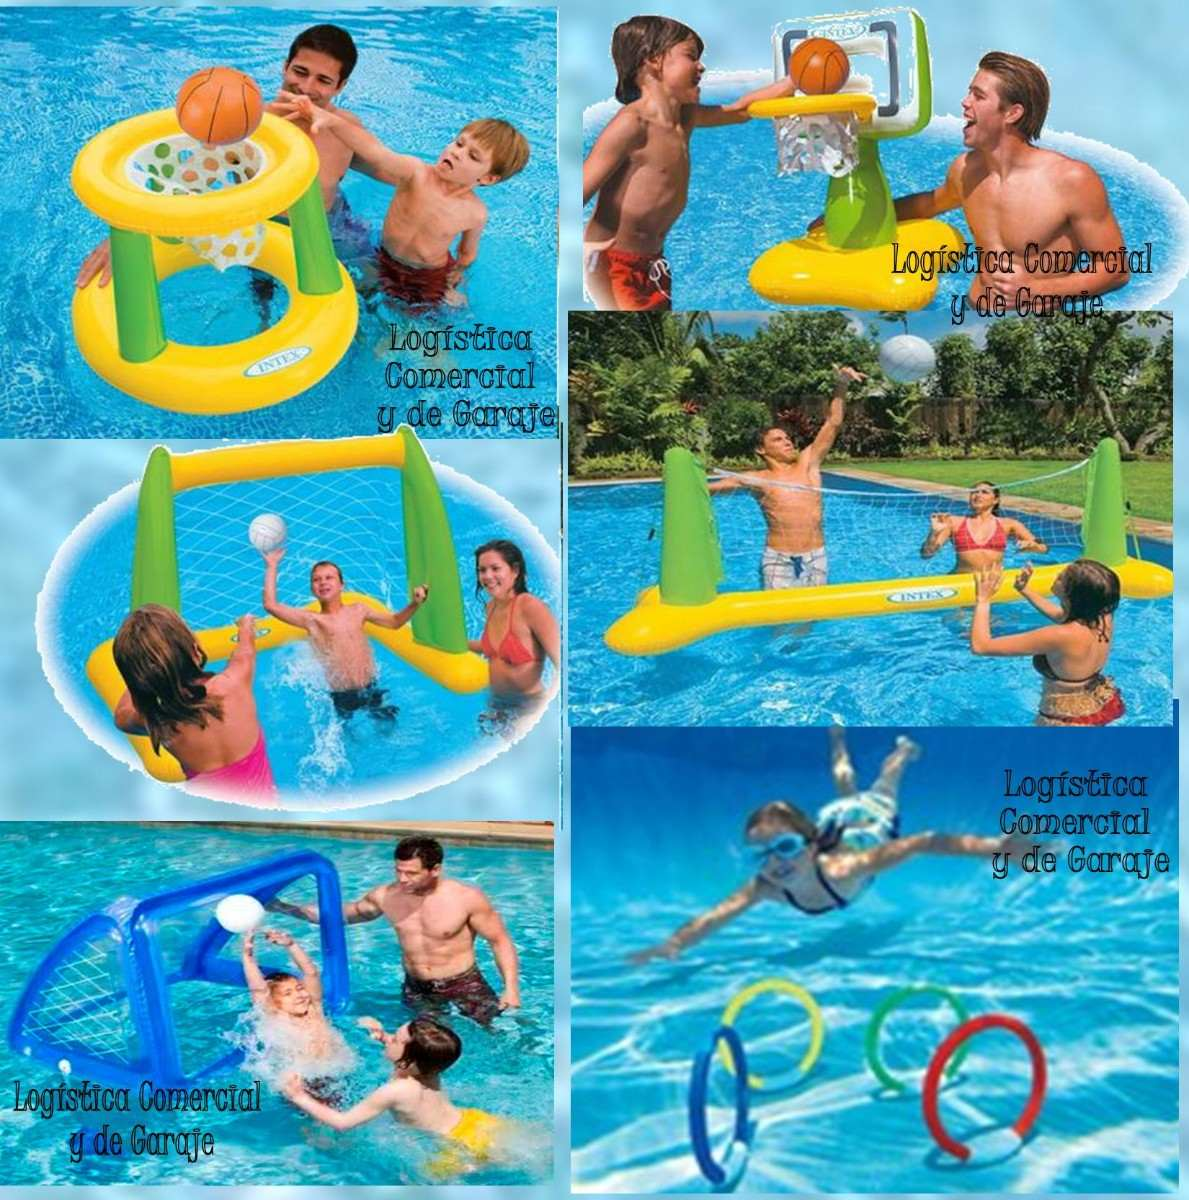 Cancha de volleyball inflable pelota intex piscina 56508 for Piscina inflable intex